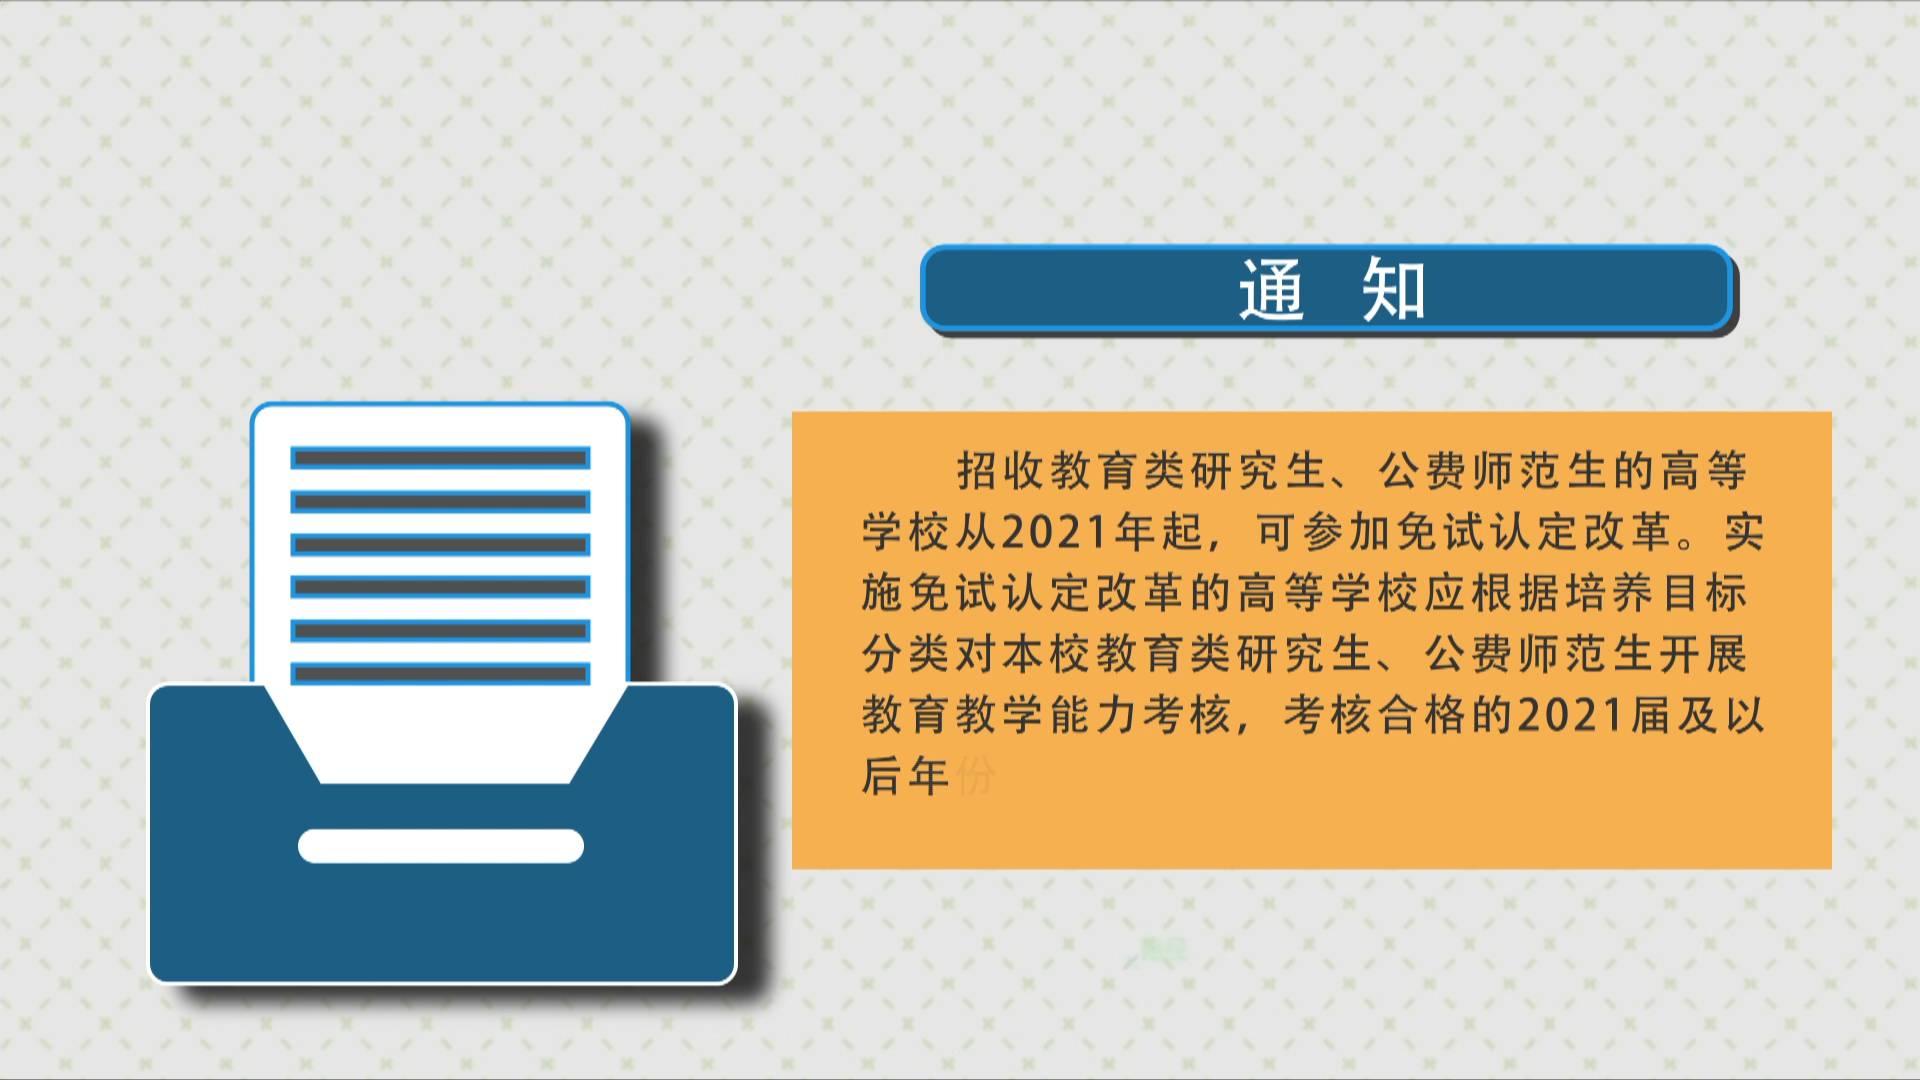 教育部关于印发《教育类研究生和公费师范生免试认定中小学教师资格改革实施方案》的通知《山东教育周刊》20200913播出